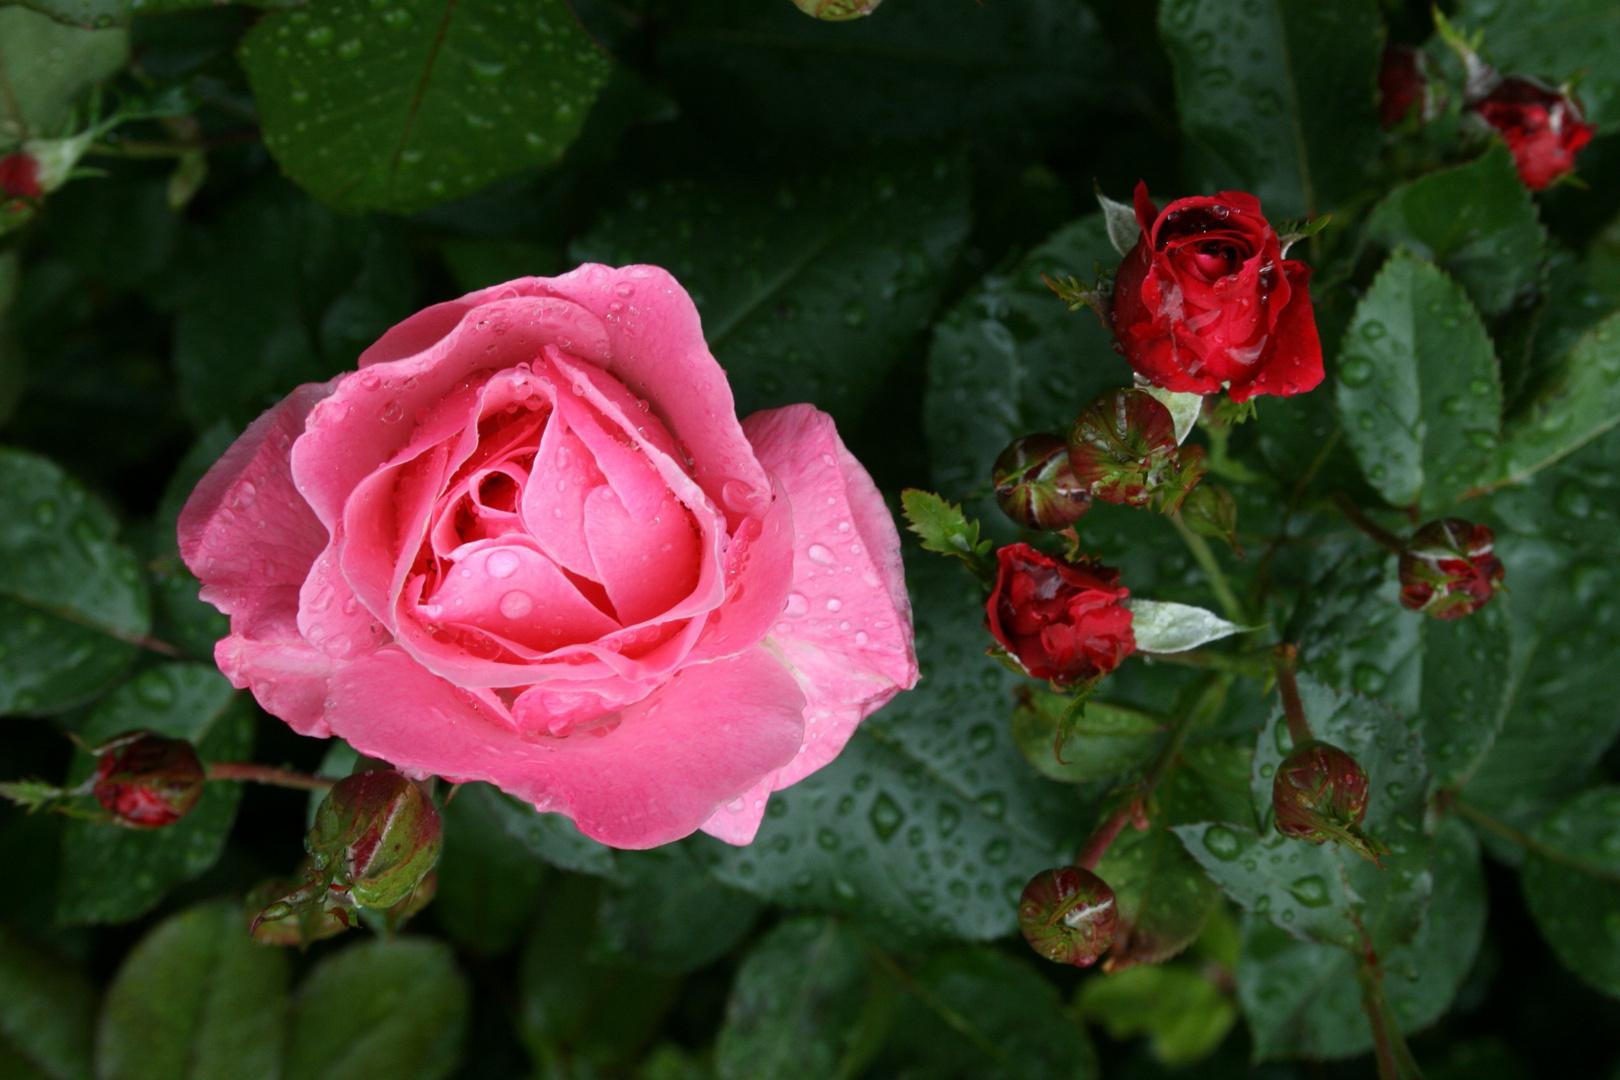 ich mag auch Rosen !